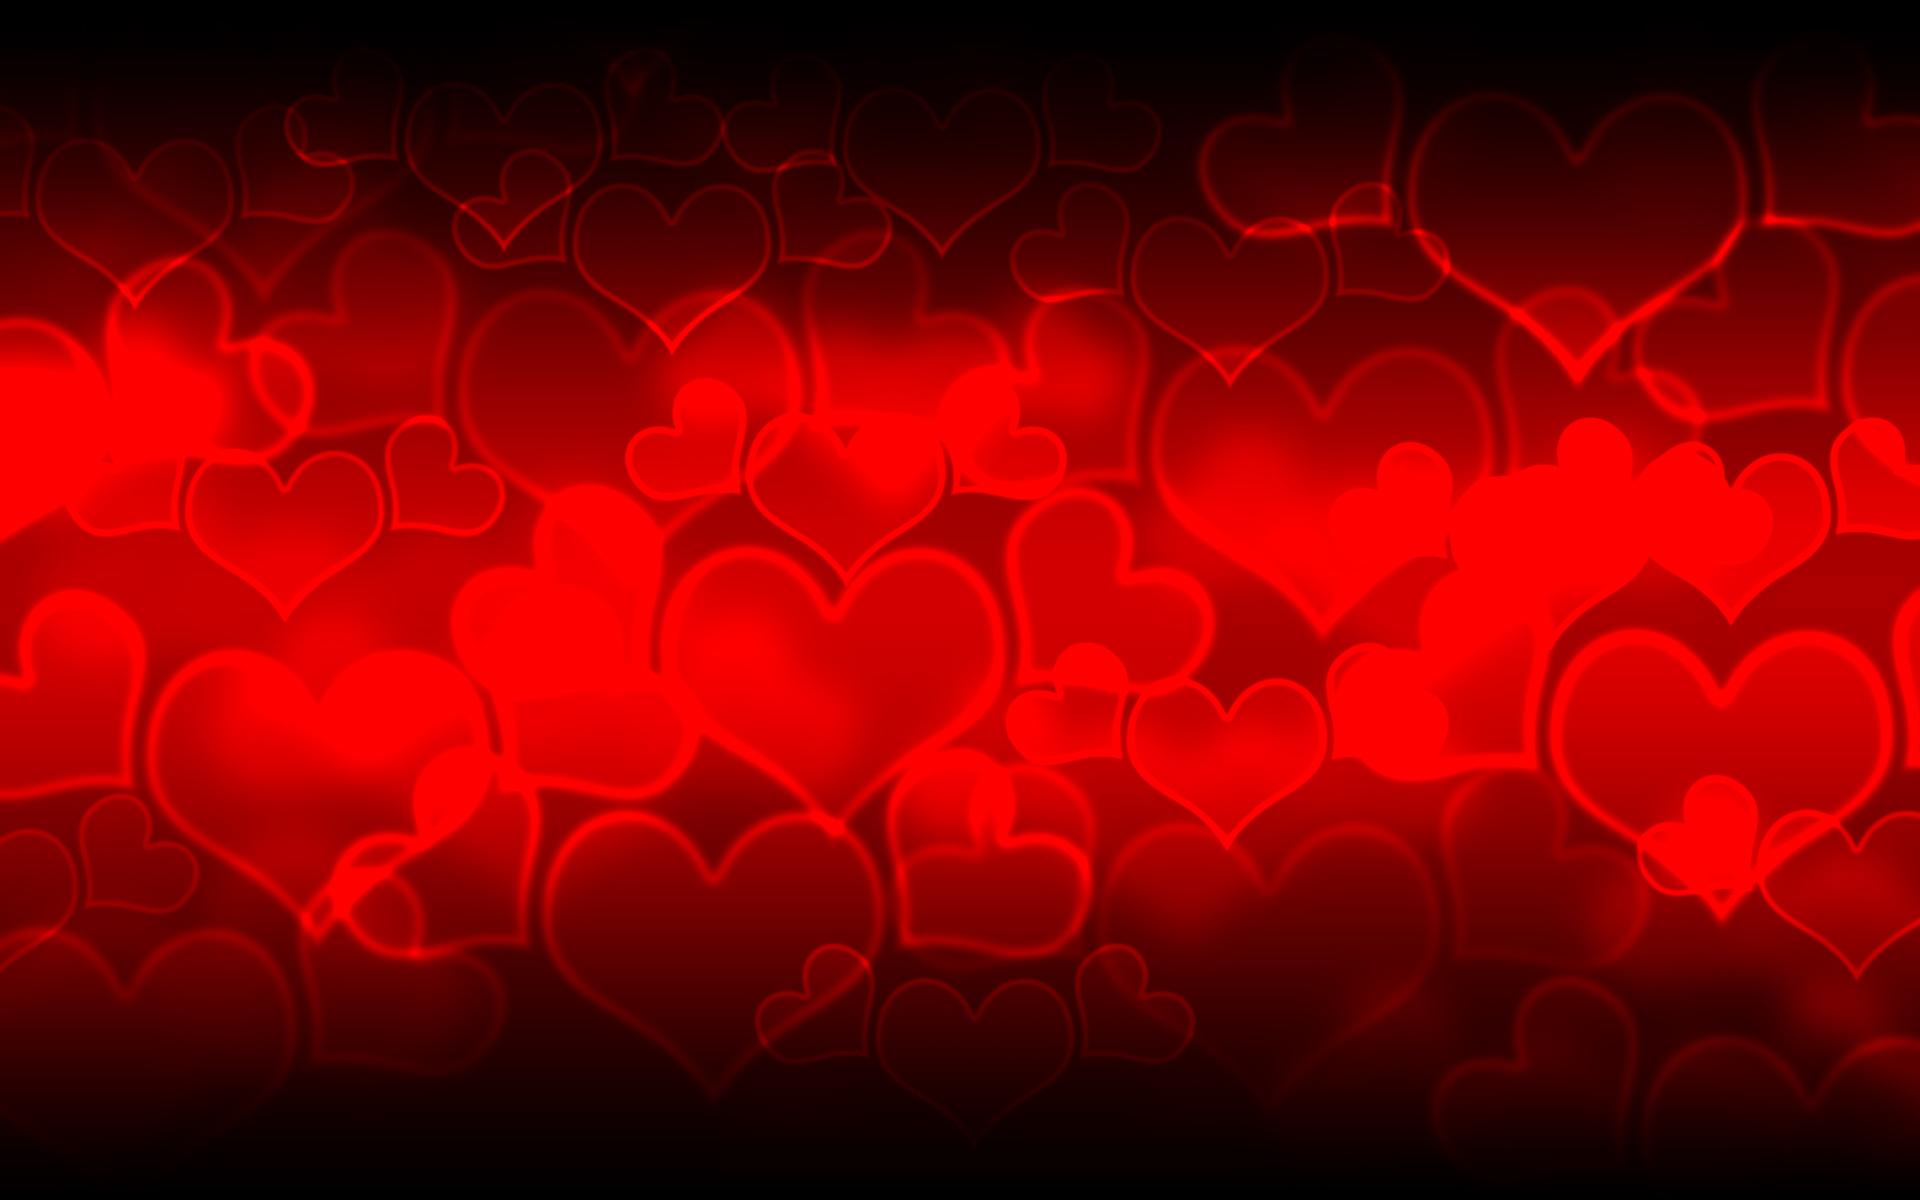 сердца, скачать текстура, обои для рабочего стола